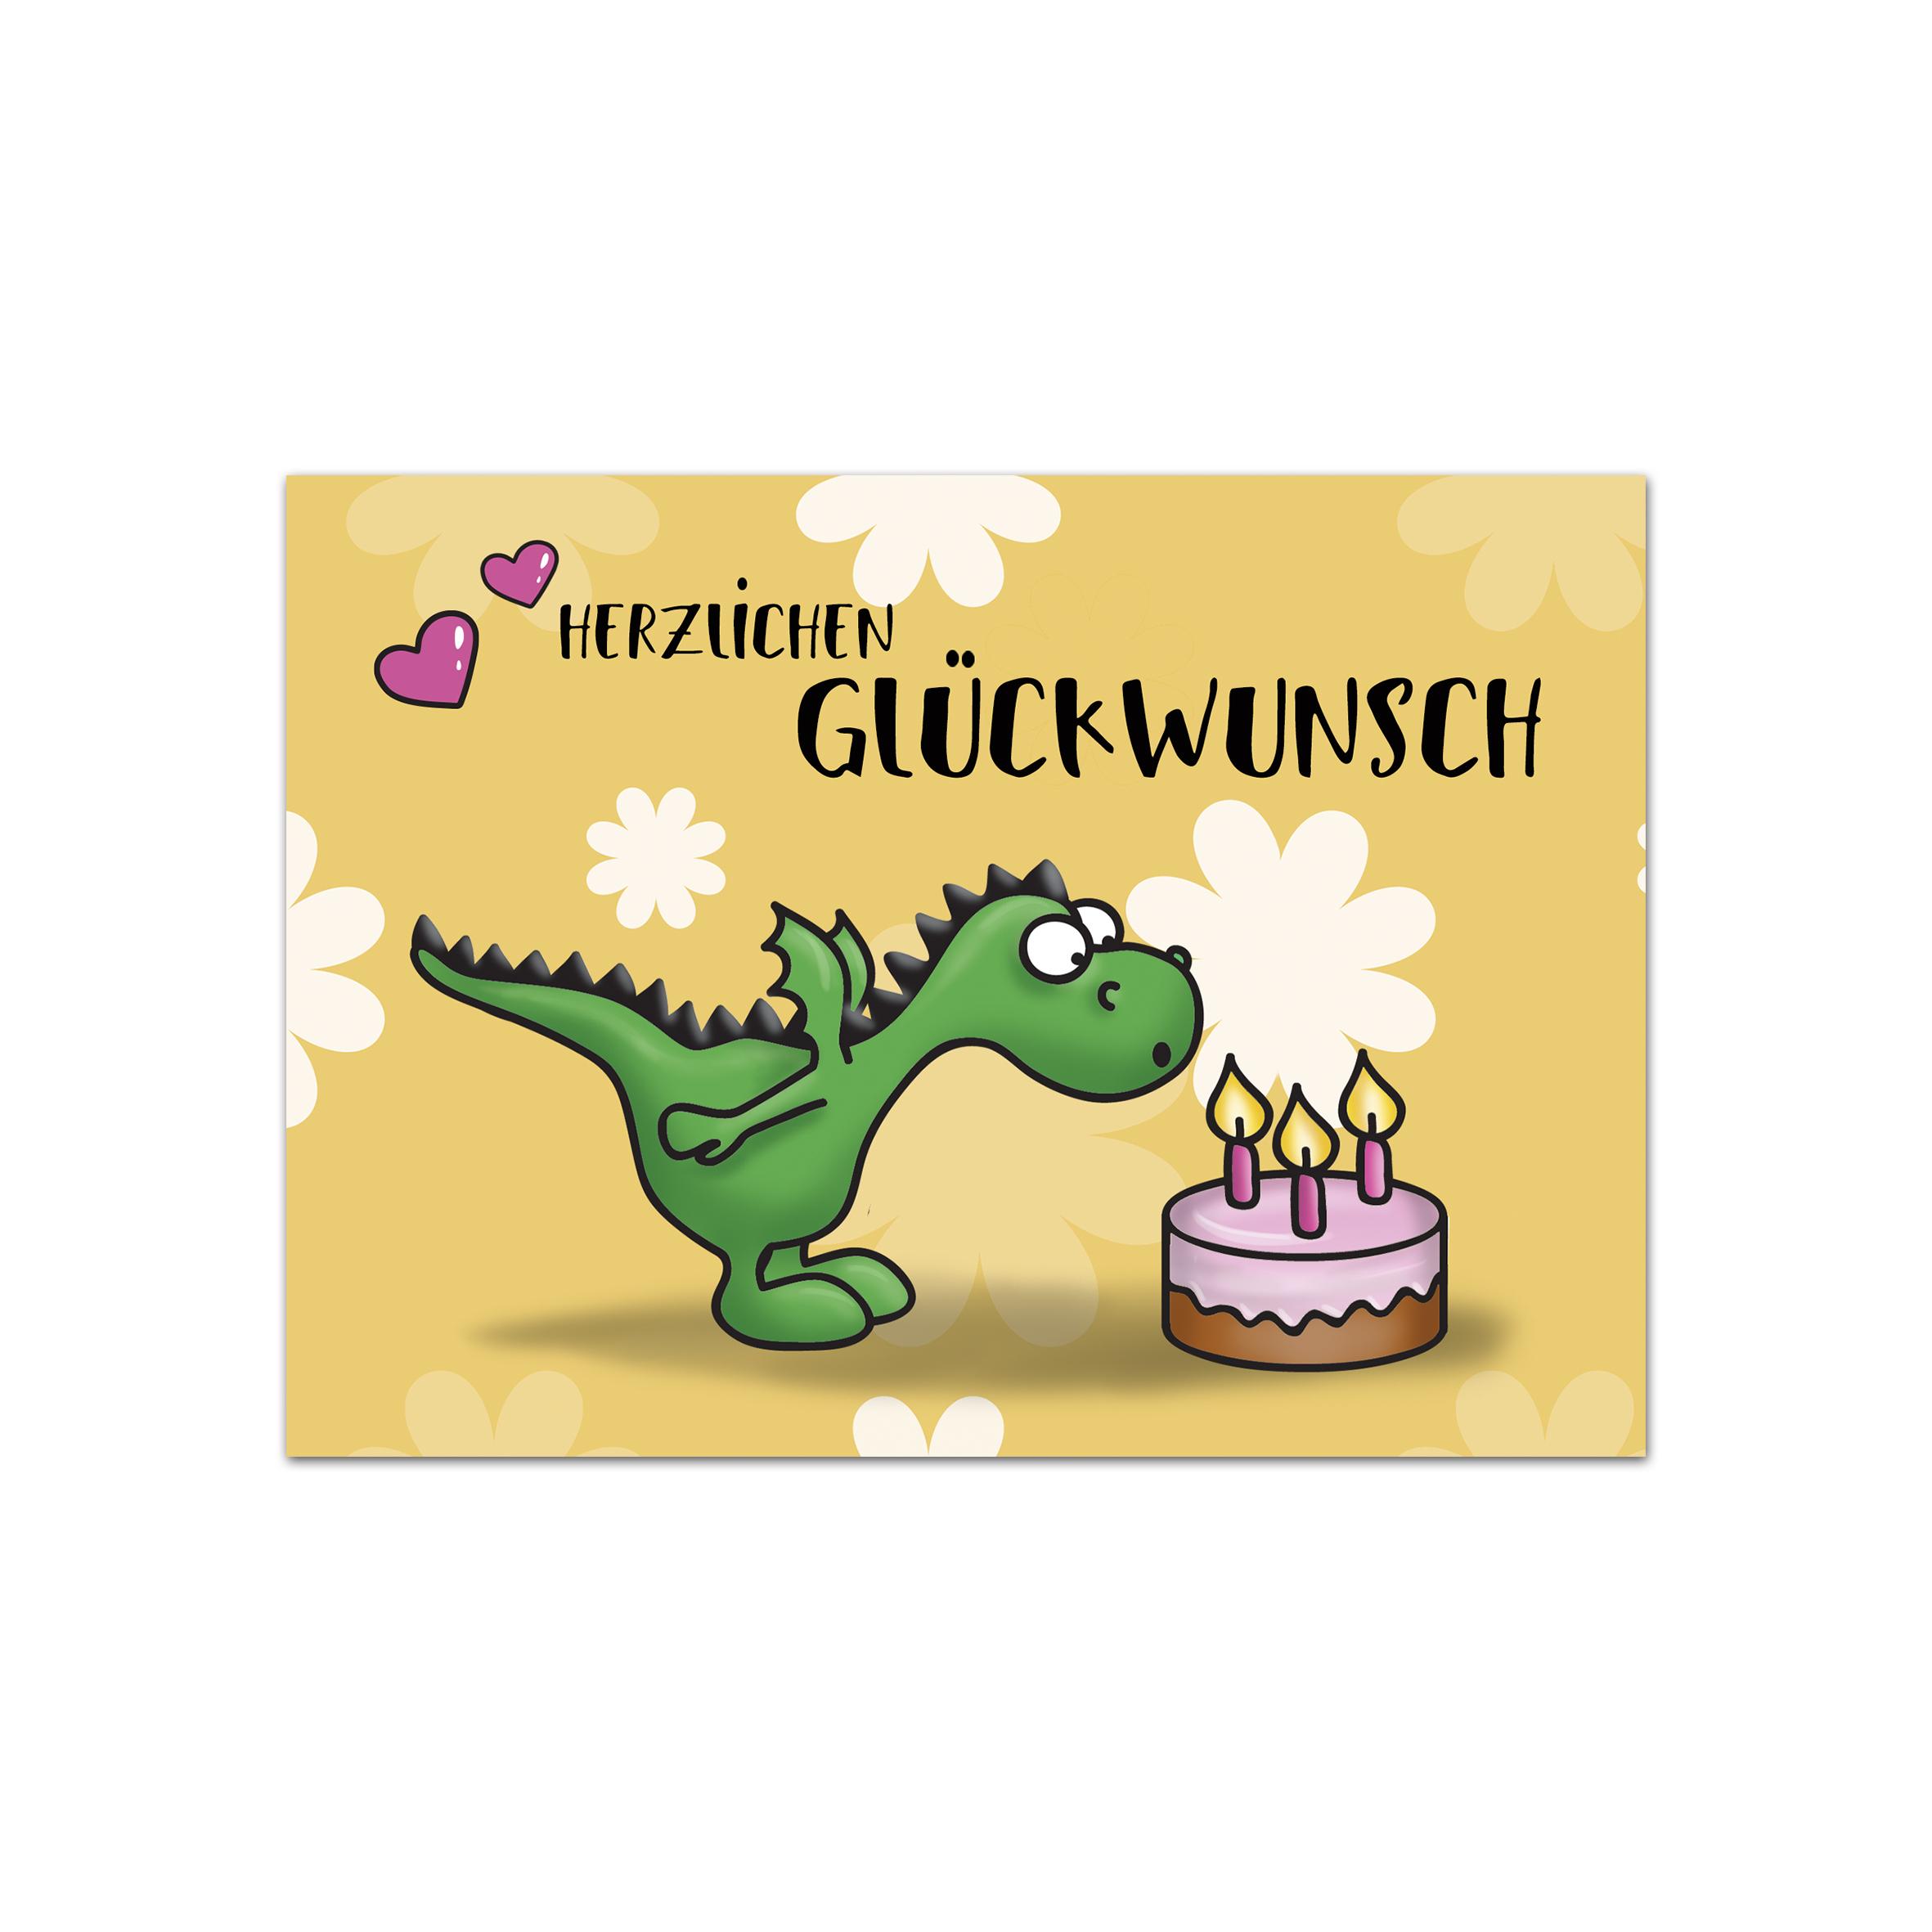 Geburtstag Glückwunschkarte Drache Im Set Zu 10 Stück innen Geburtstagskarte Geburtstag